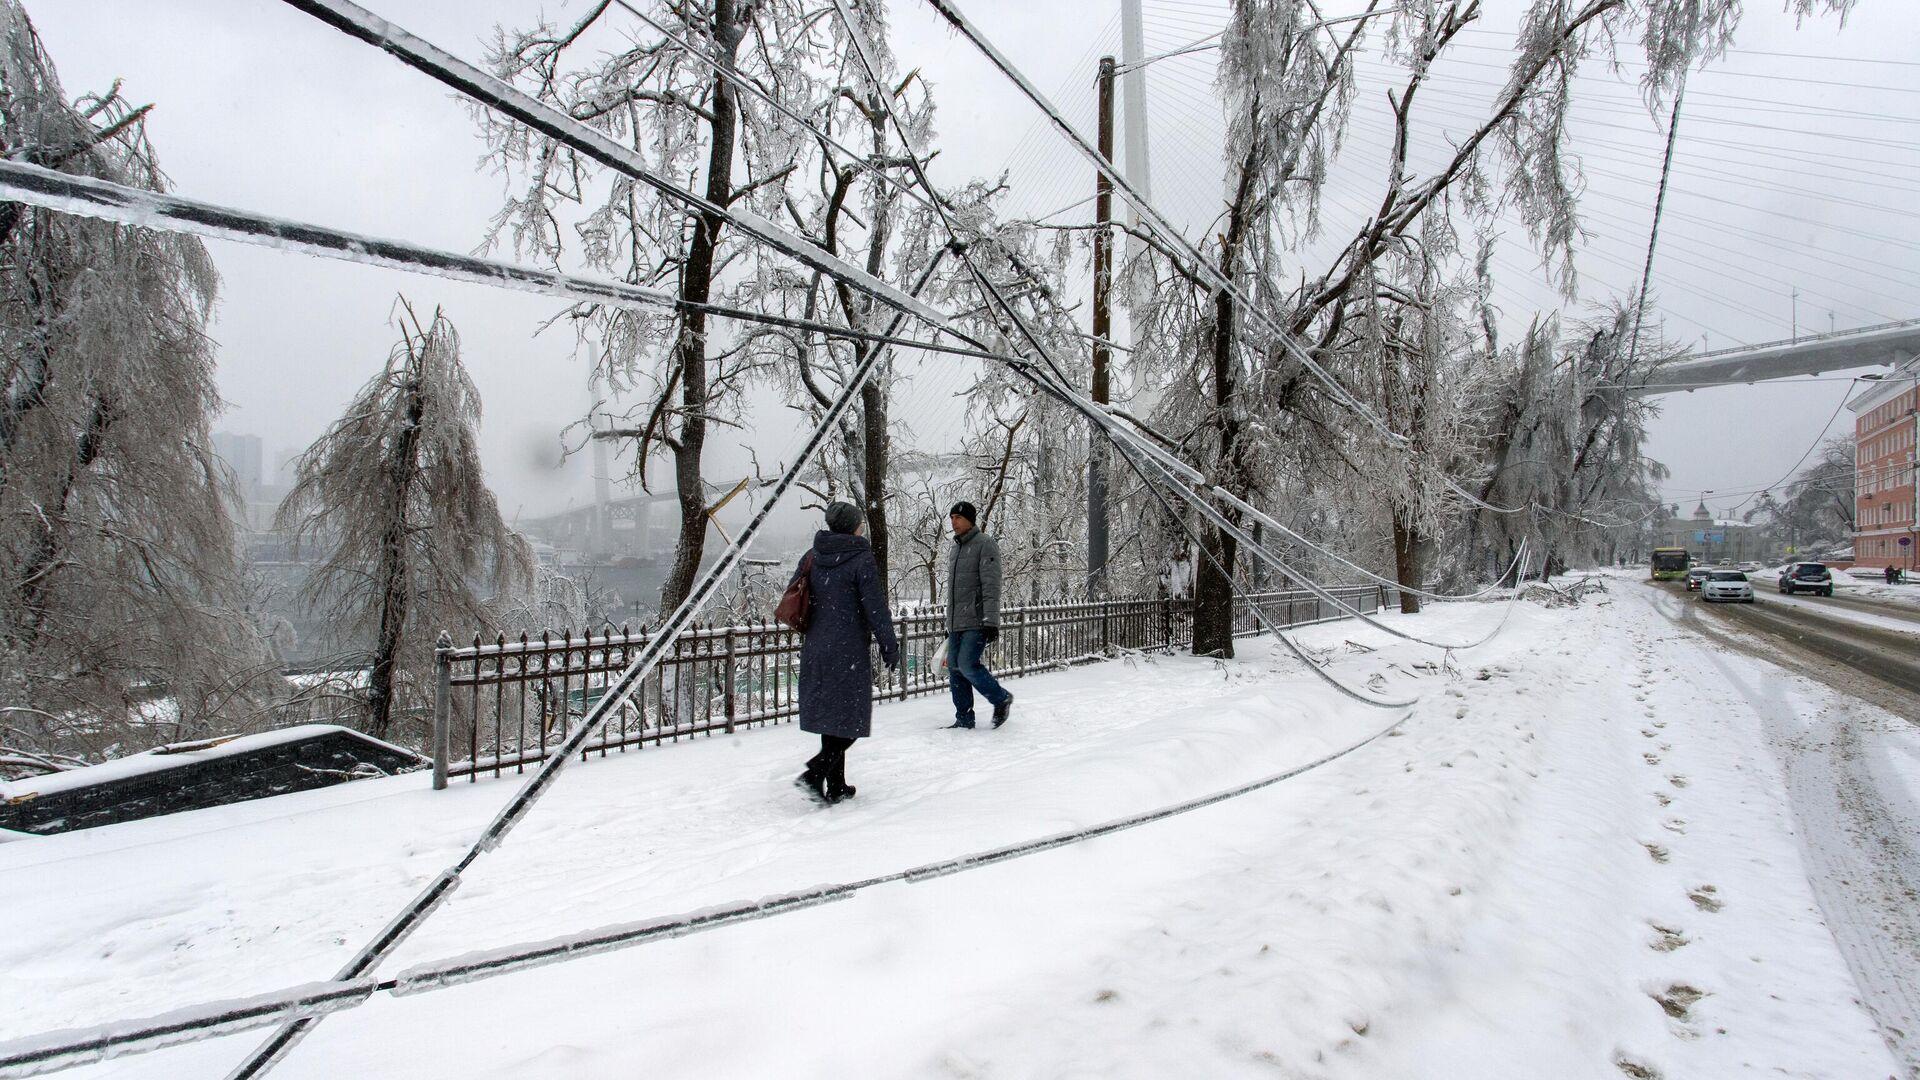 Последствия снежного циклона во Владивостоке - РИА Новости, 1920, 03.01.2021